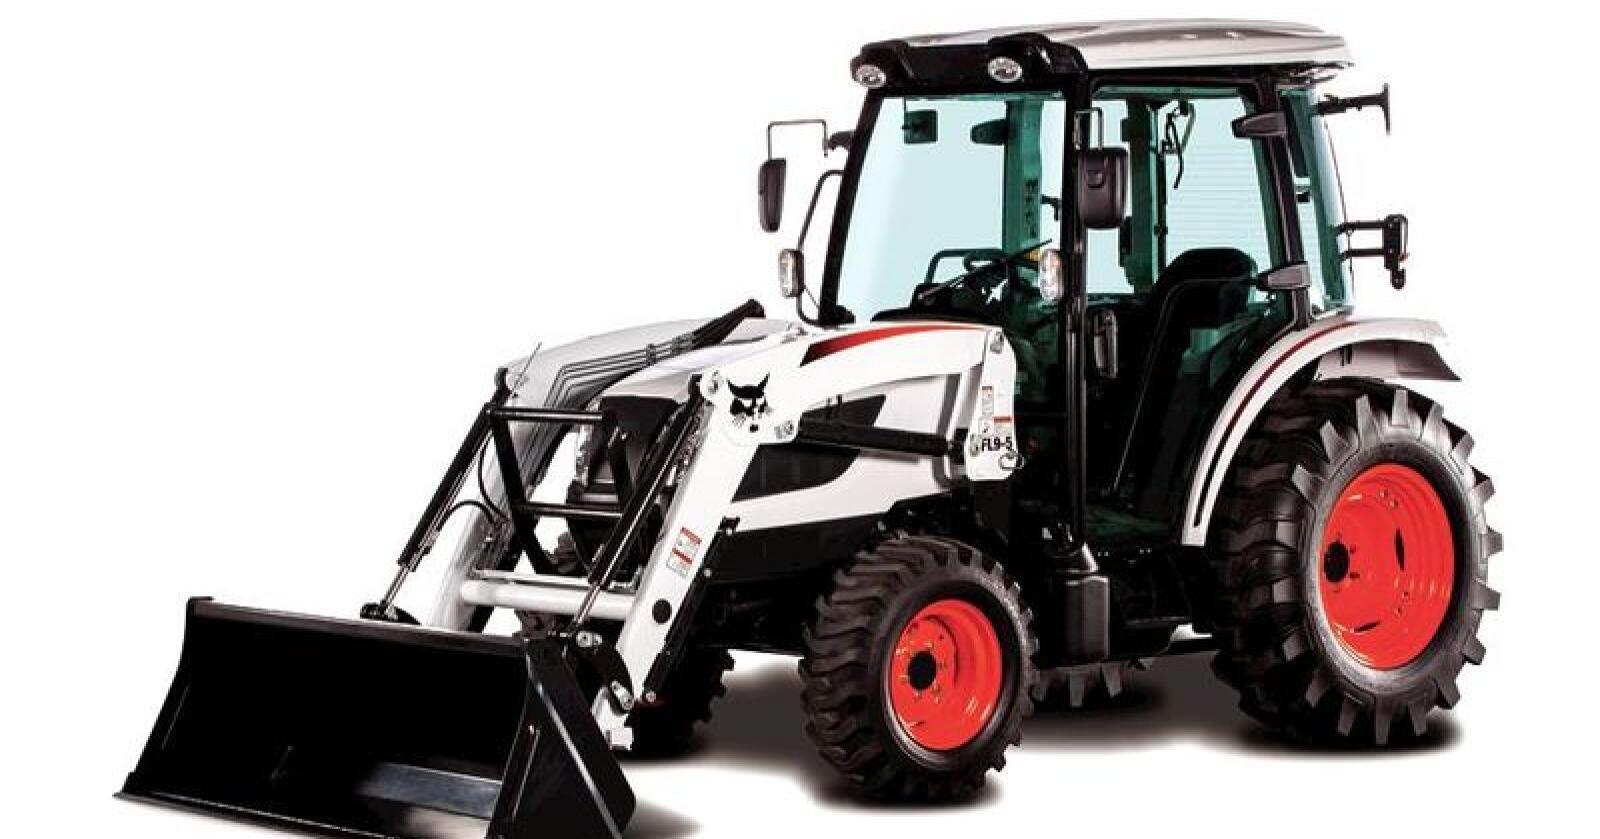 Bobcat er mest kjent for sine kompaktlastere og gravemaskiner her på berget, men satser nå også innen kompakttraktor-markedet. Målet er å produsere hele 140.000 traktorer per år. (Foto: Scott Thuen)